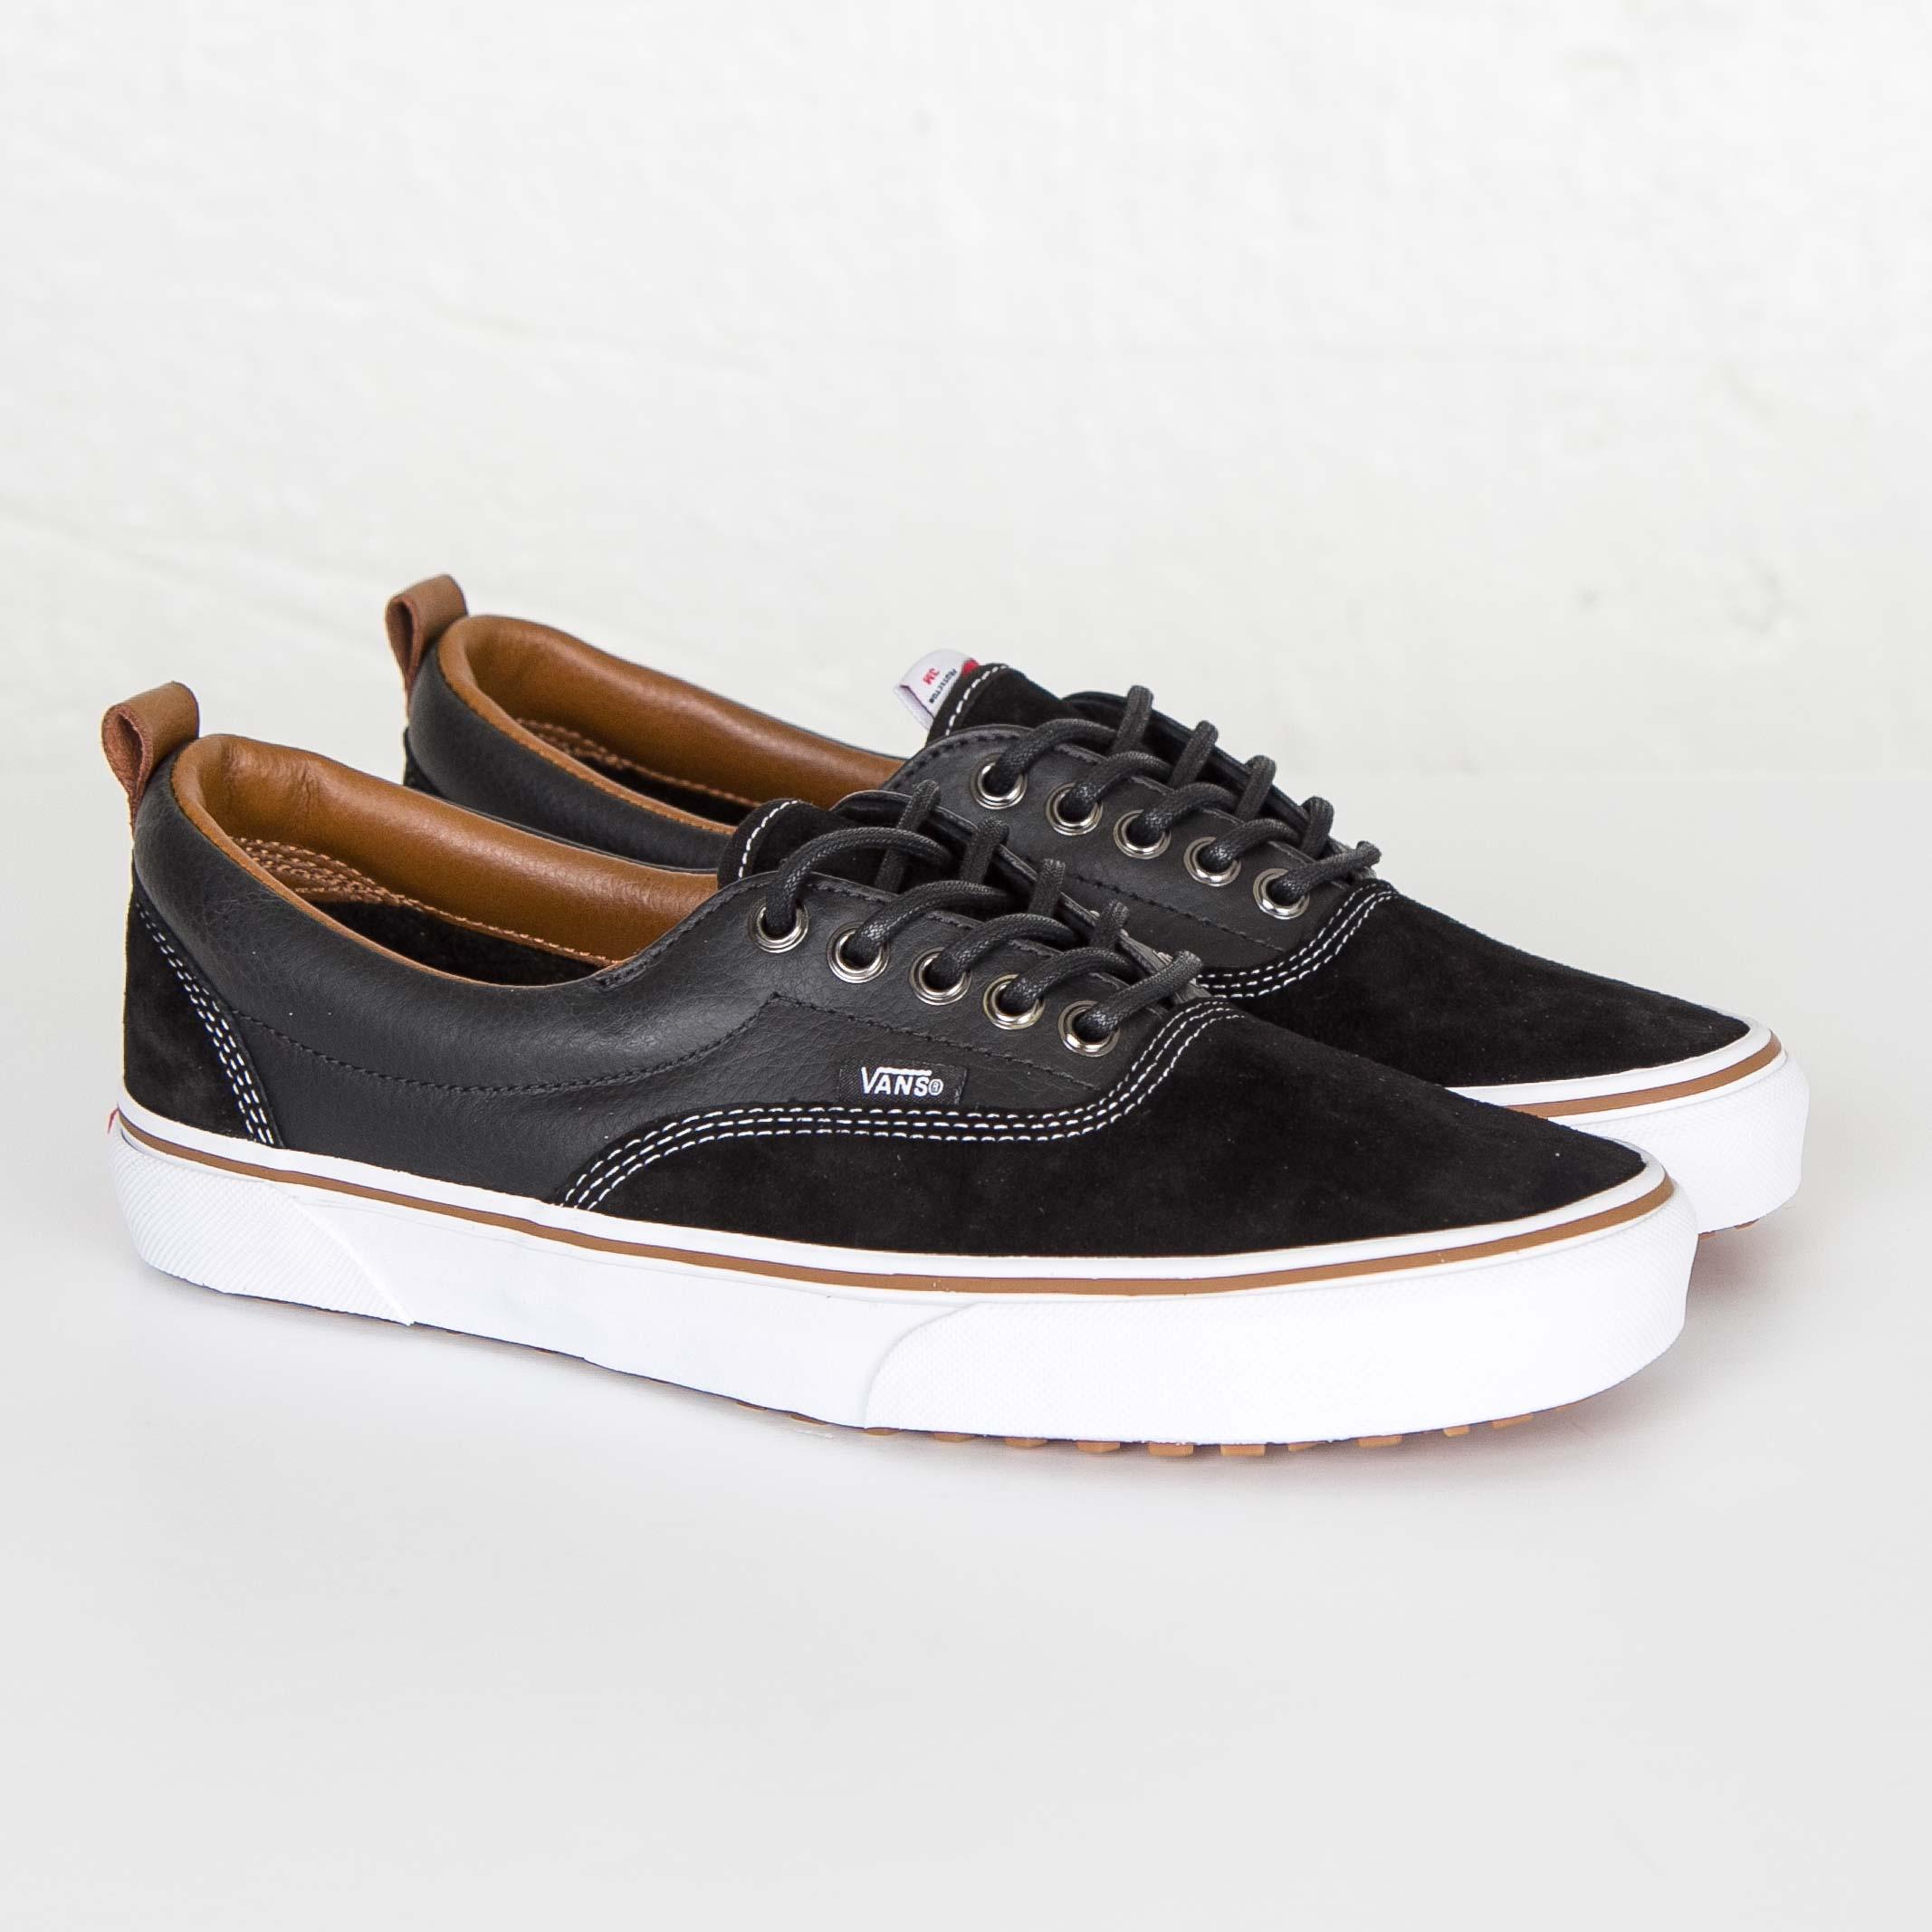 Vans Era MTE - Vxg9dx6 - Sneakersnstuff